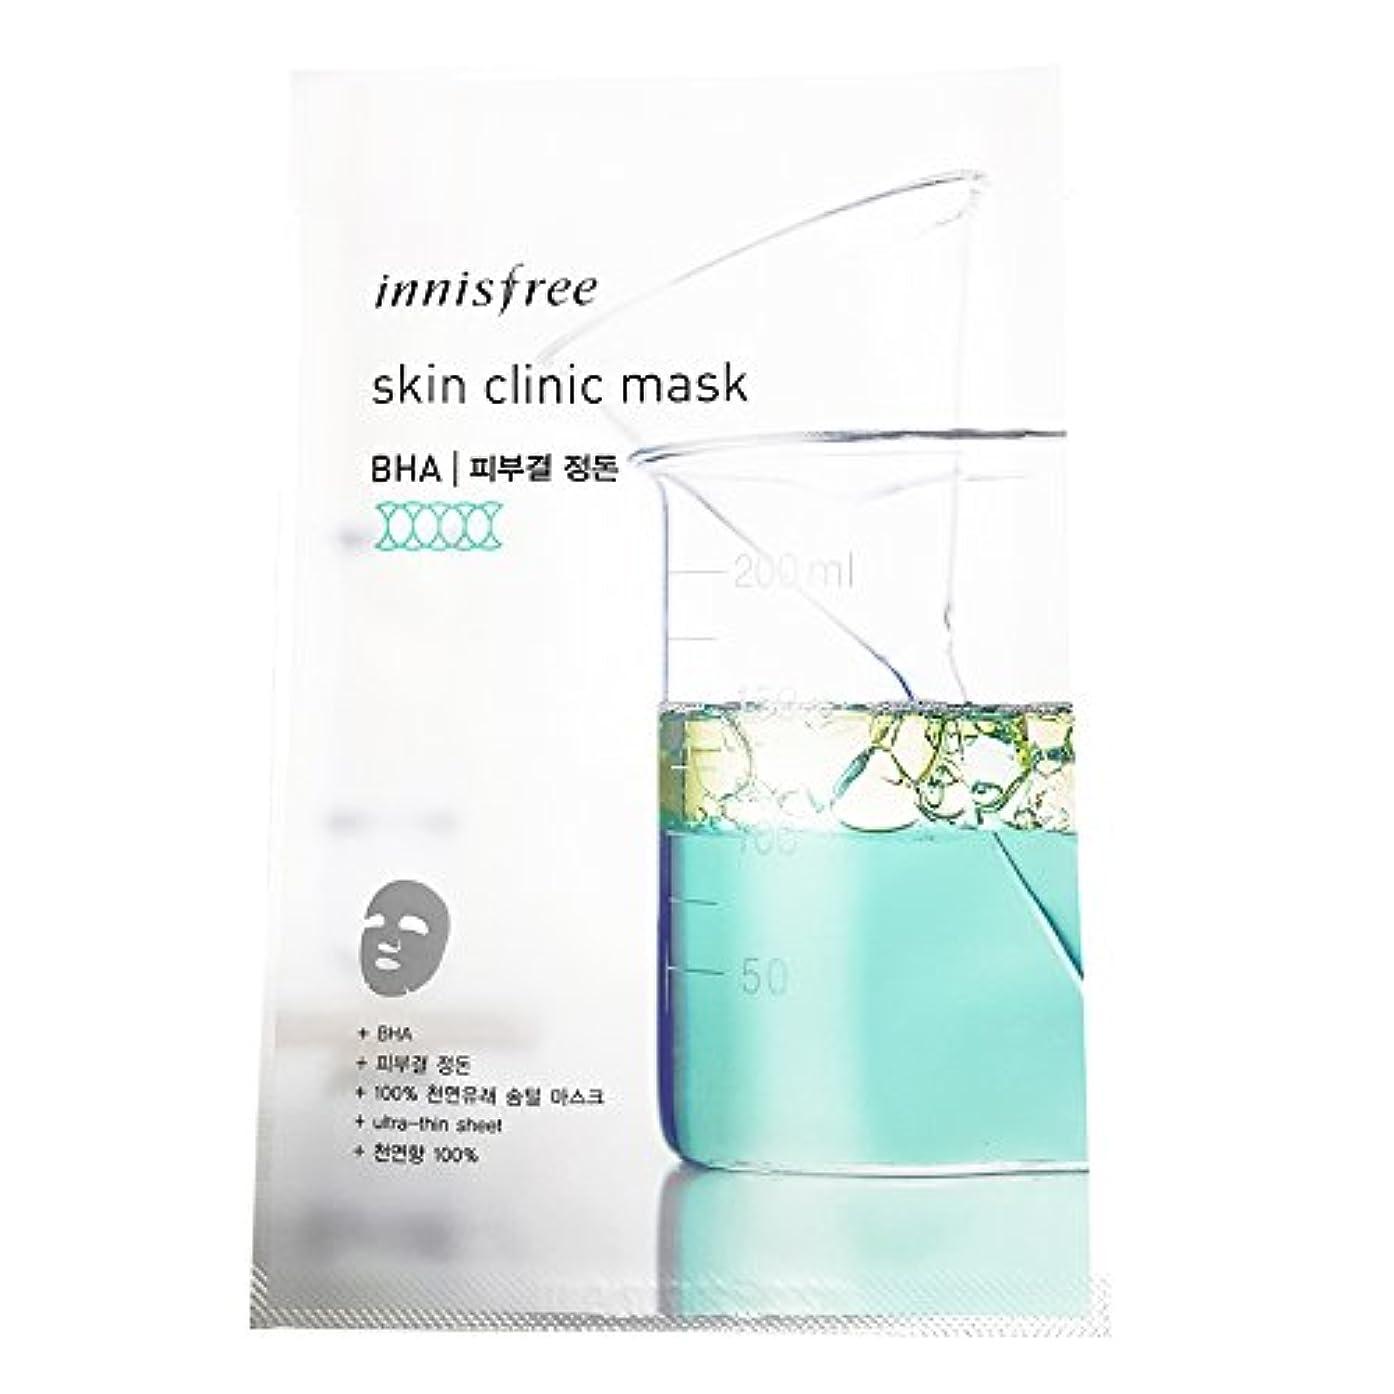 リブショートファックス[イニスプリー] Innisfree スキンクリニックマスク(20ml)-BHA(肌別整頓) Innisfree Skin Clinic Mask(20ml)-BHA [海外直送品]